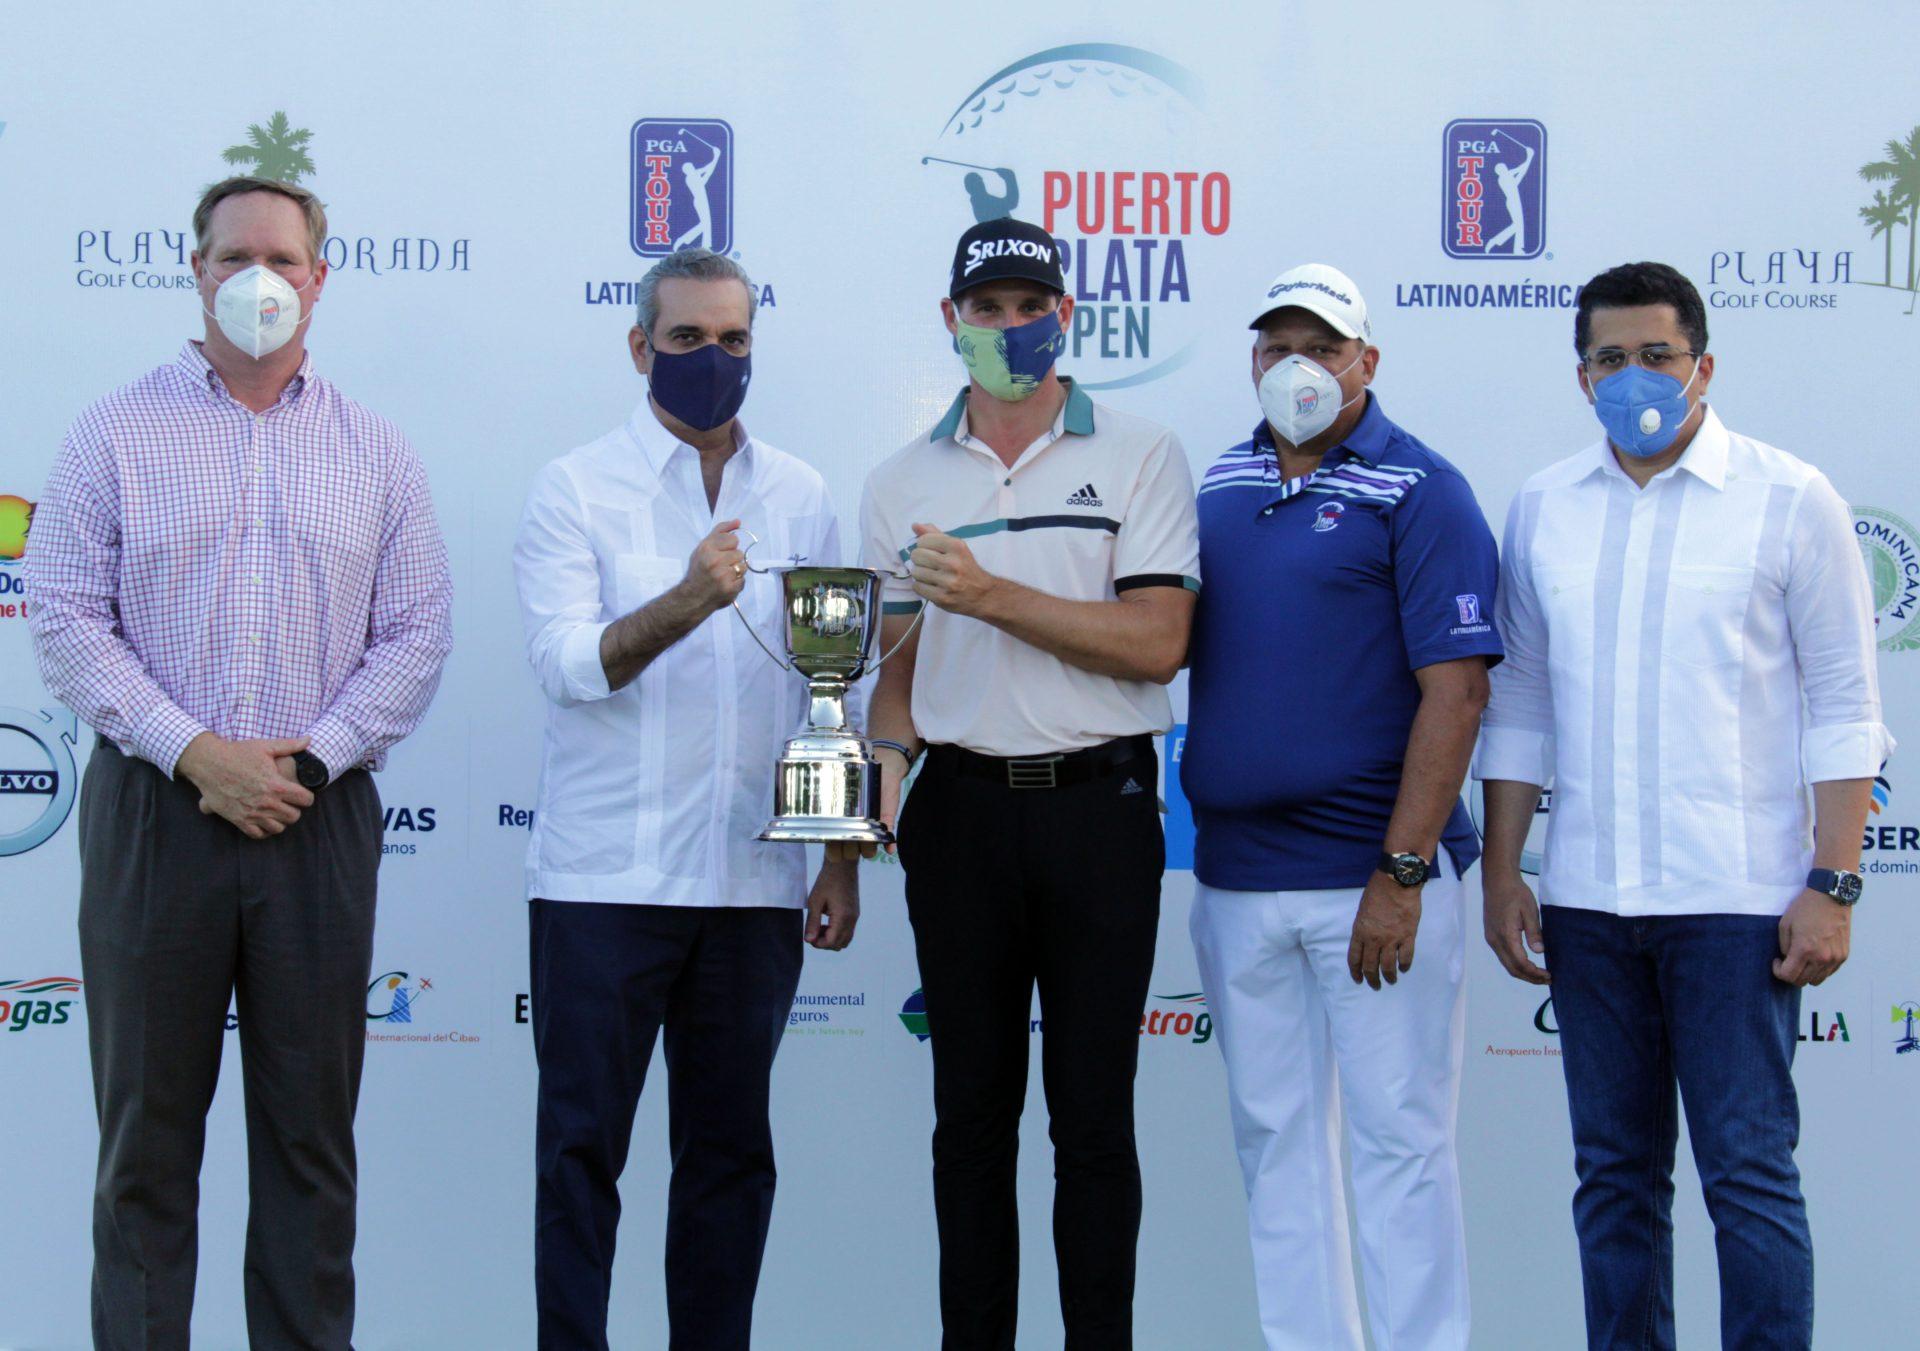 Momento Deportivo RD | Brandon Matthews, gana el Puerto Plata Open PGA Tour  Latino